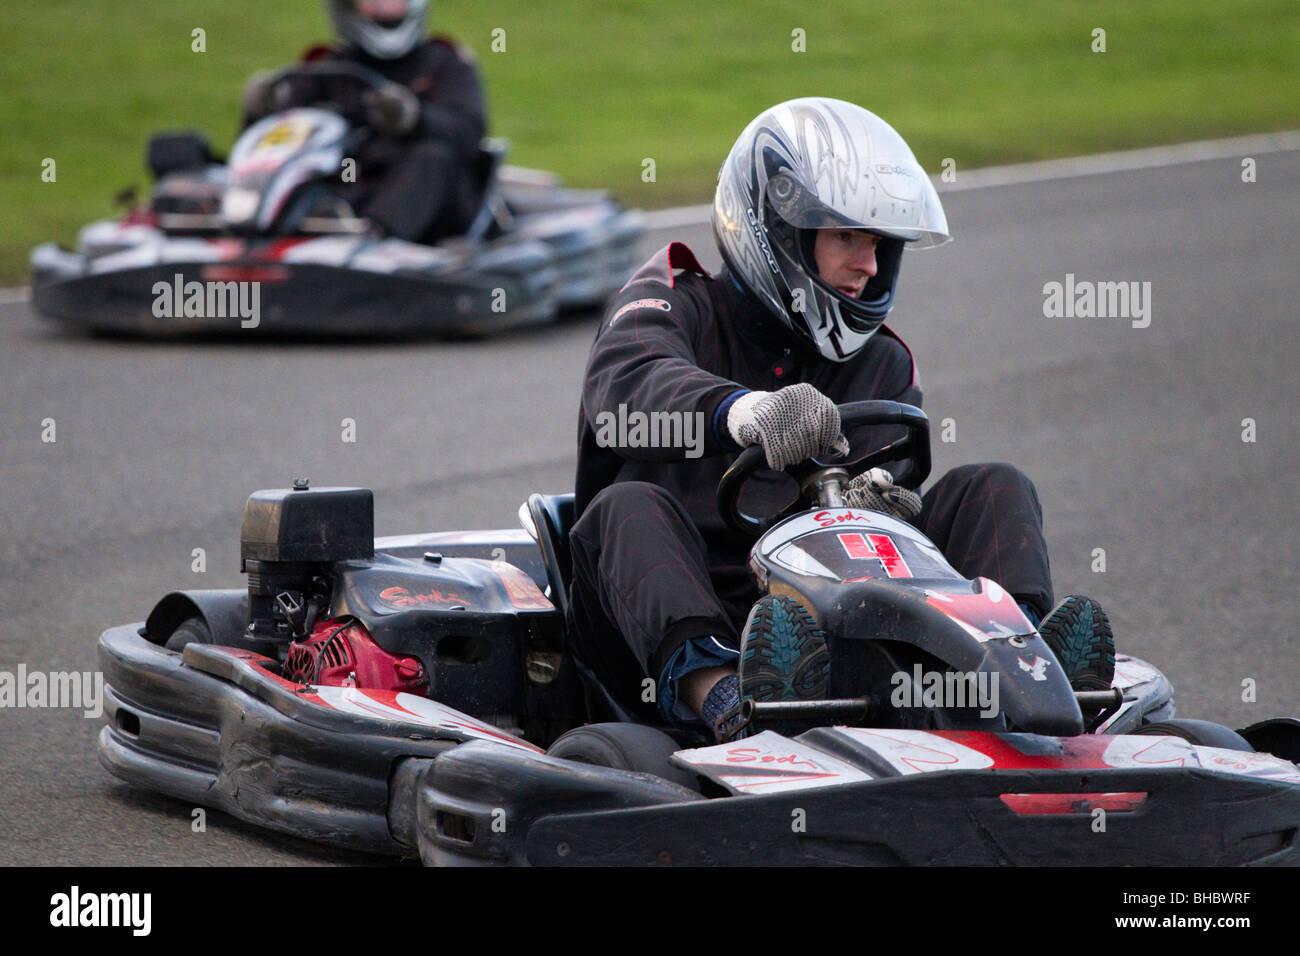 kart over edinburgh Kart racing at Raceland karting centre near Edinburgh Scotland  kart over edinburgh